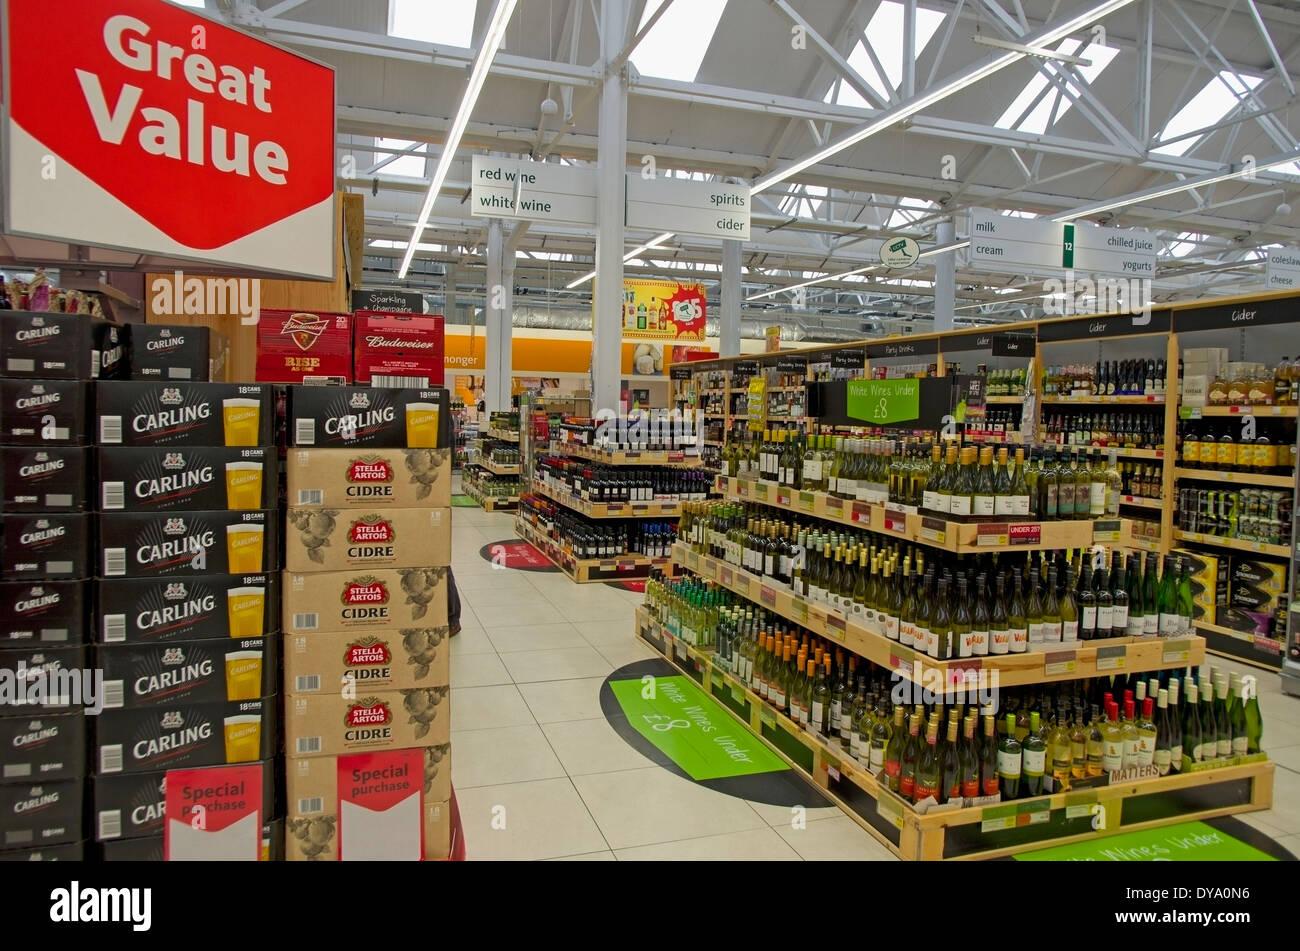 A buon mercato offerte di birra, vino e alcolici a Morrisons supermercato Hadleigh Suffolk Immagini Stock